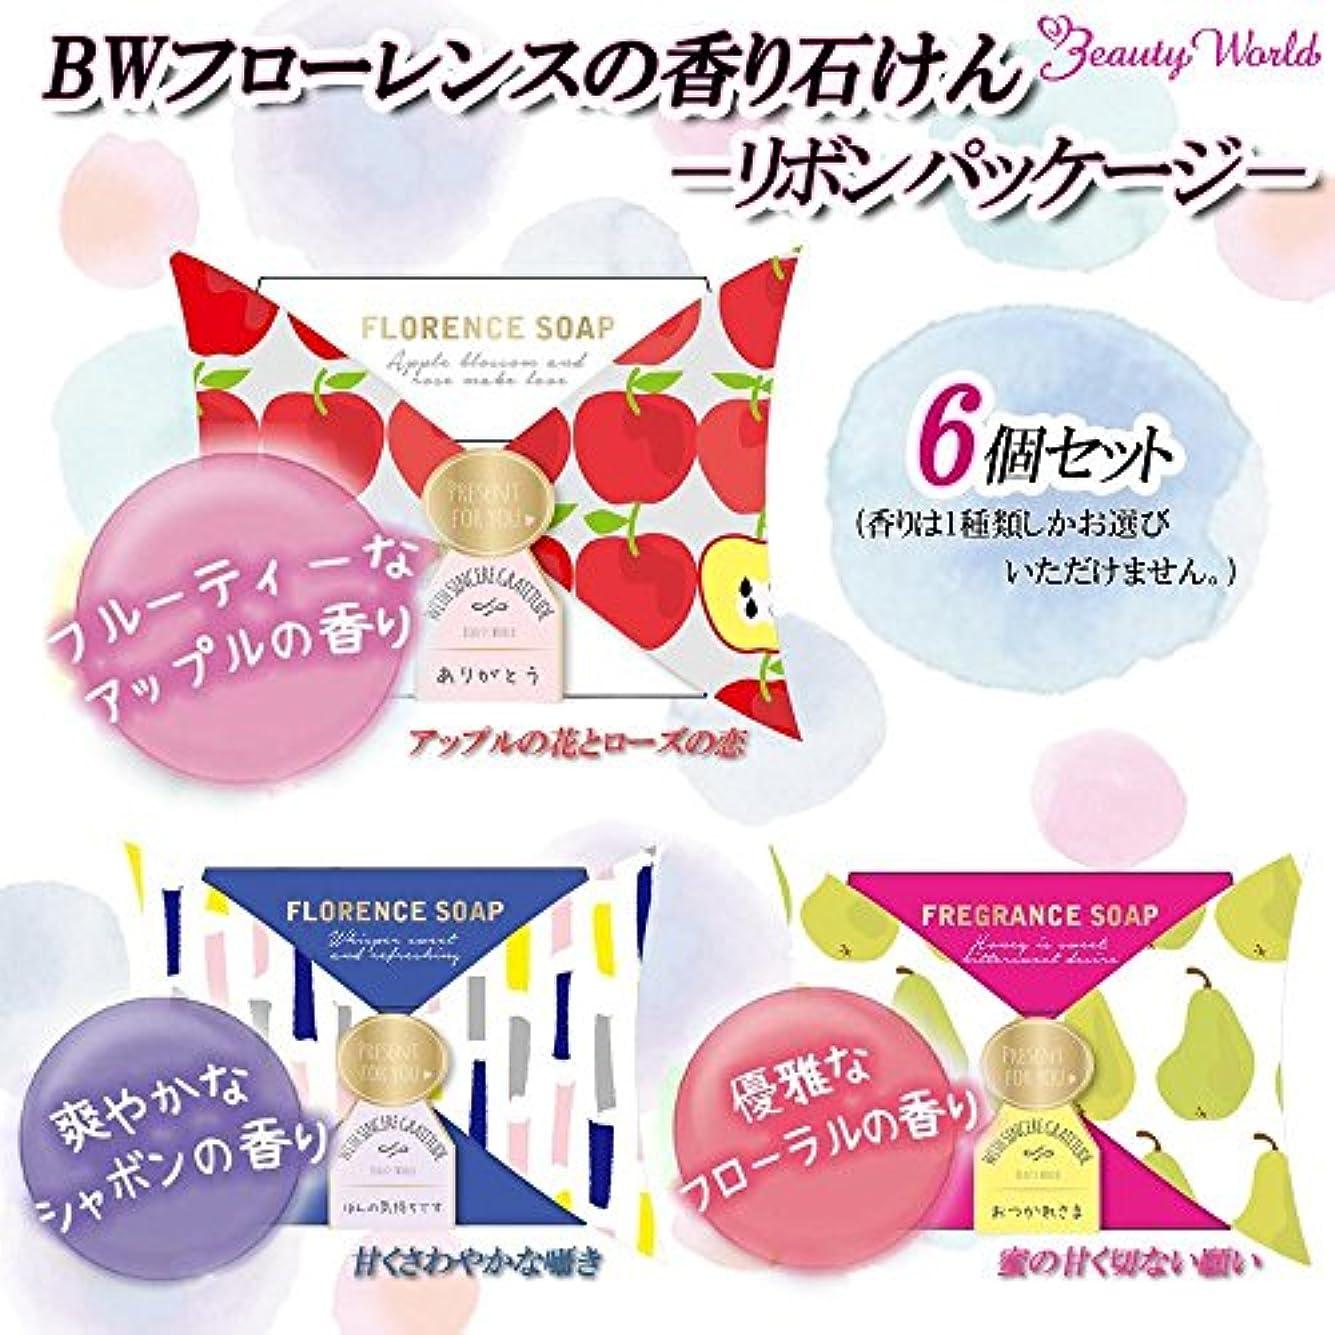 品揃え伝統的千ビューティーワールド BWフローレンスの香り石けん リボンパッケージ 6個セット ■3種類の内「FSP385?甘くさわやかな囁き」を1点のみです